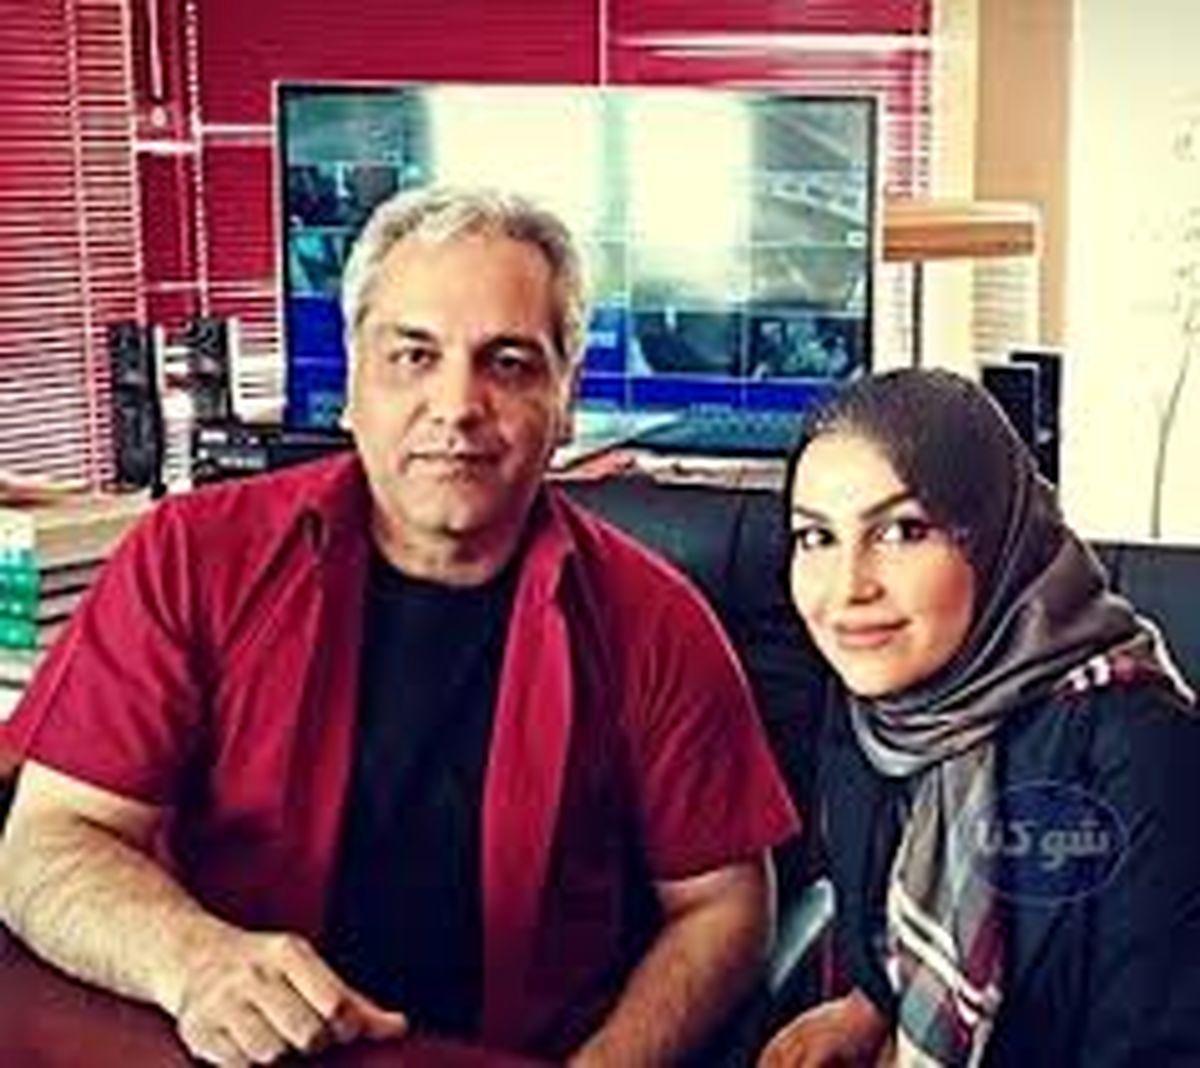 عکس لورفته از مهران مدیری و همسران + عکس دونفره